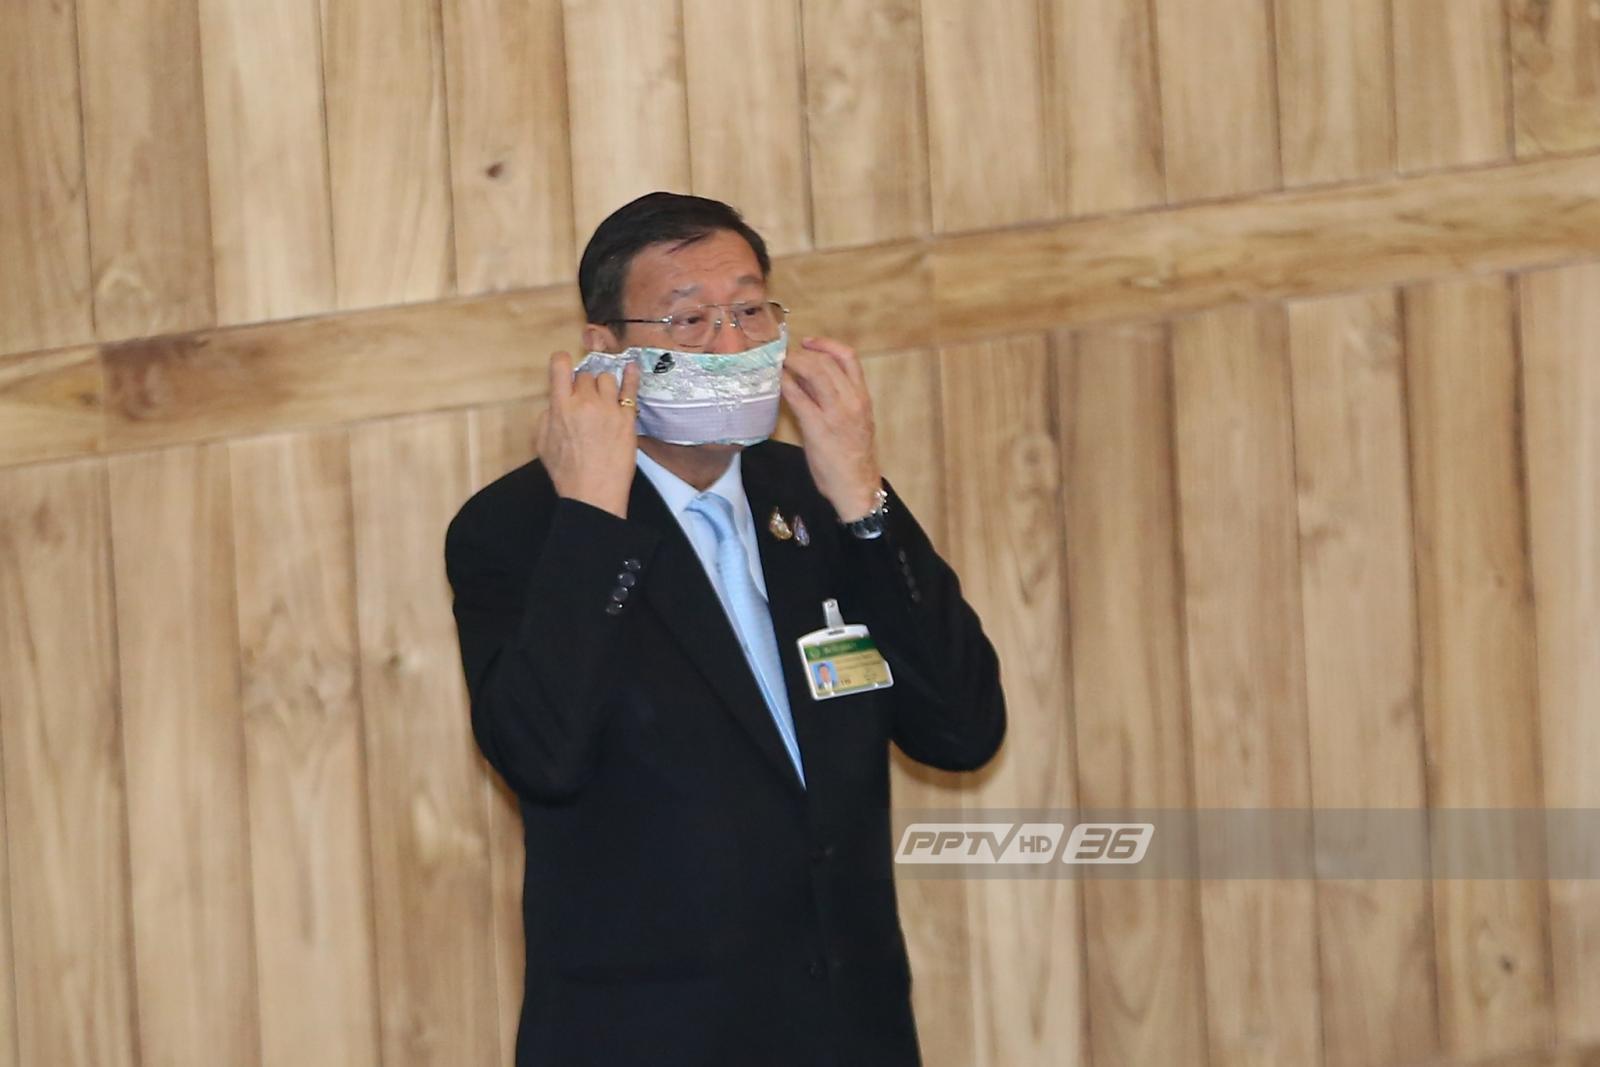 """ส.ว.สวมหน้ากากกันฝุ่น ประเดิมใช้ห้อง """"จันทรา"""" รัฐสภาแห่งใหม่"""